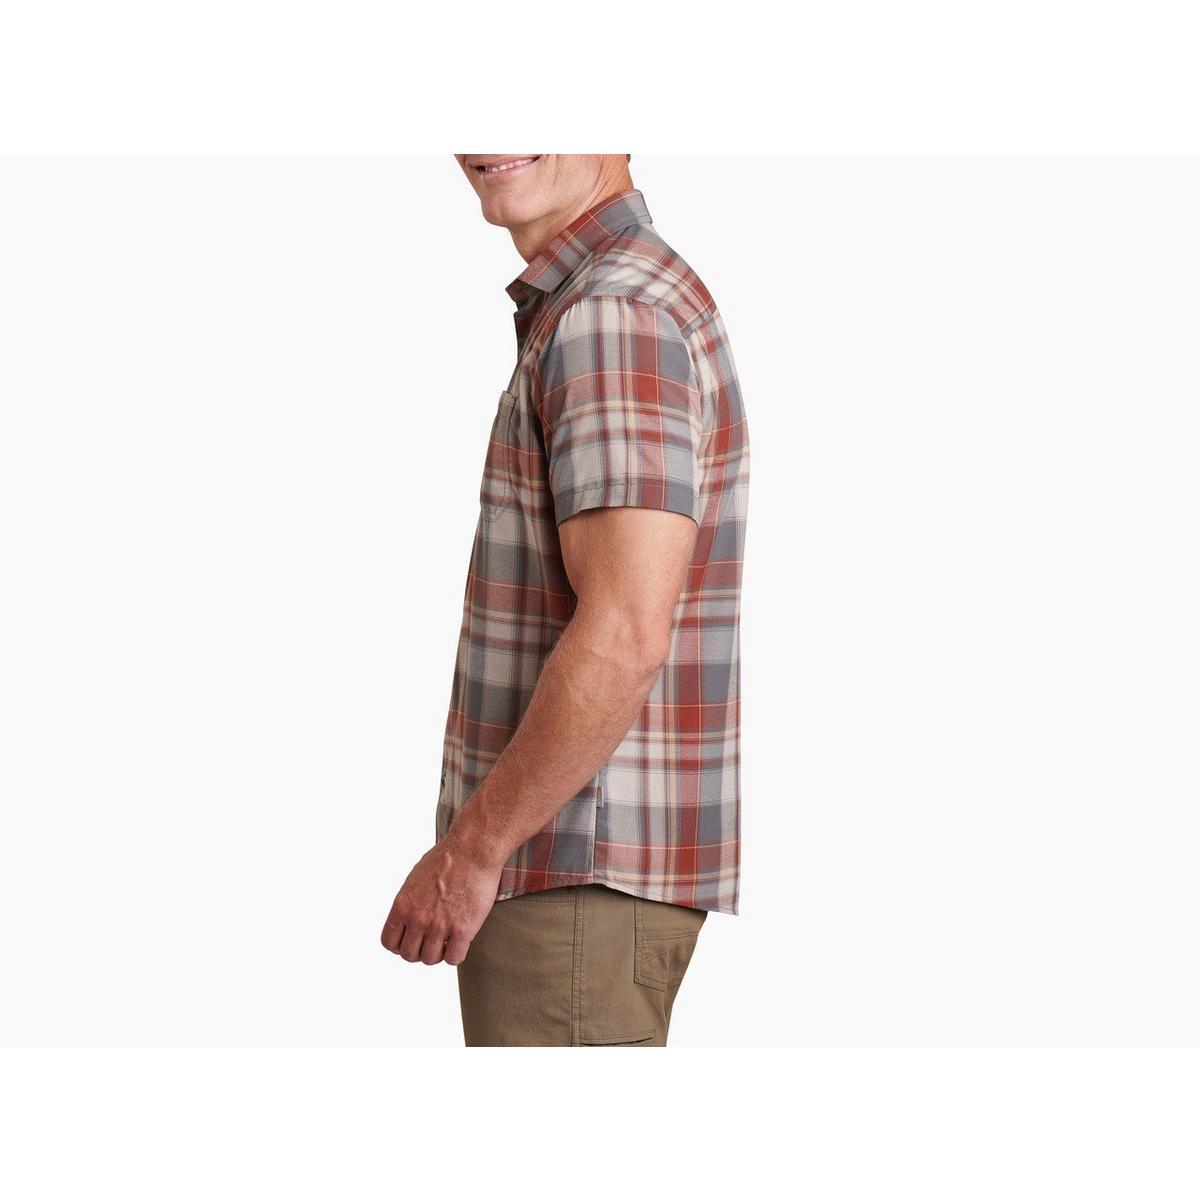 Kuhl Men's Kuhl Styk Short Sleeved Shirt - Red